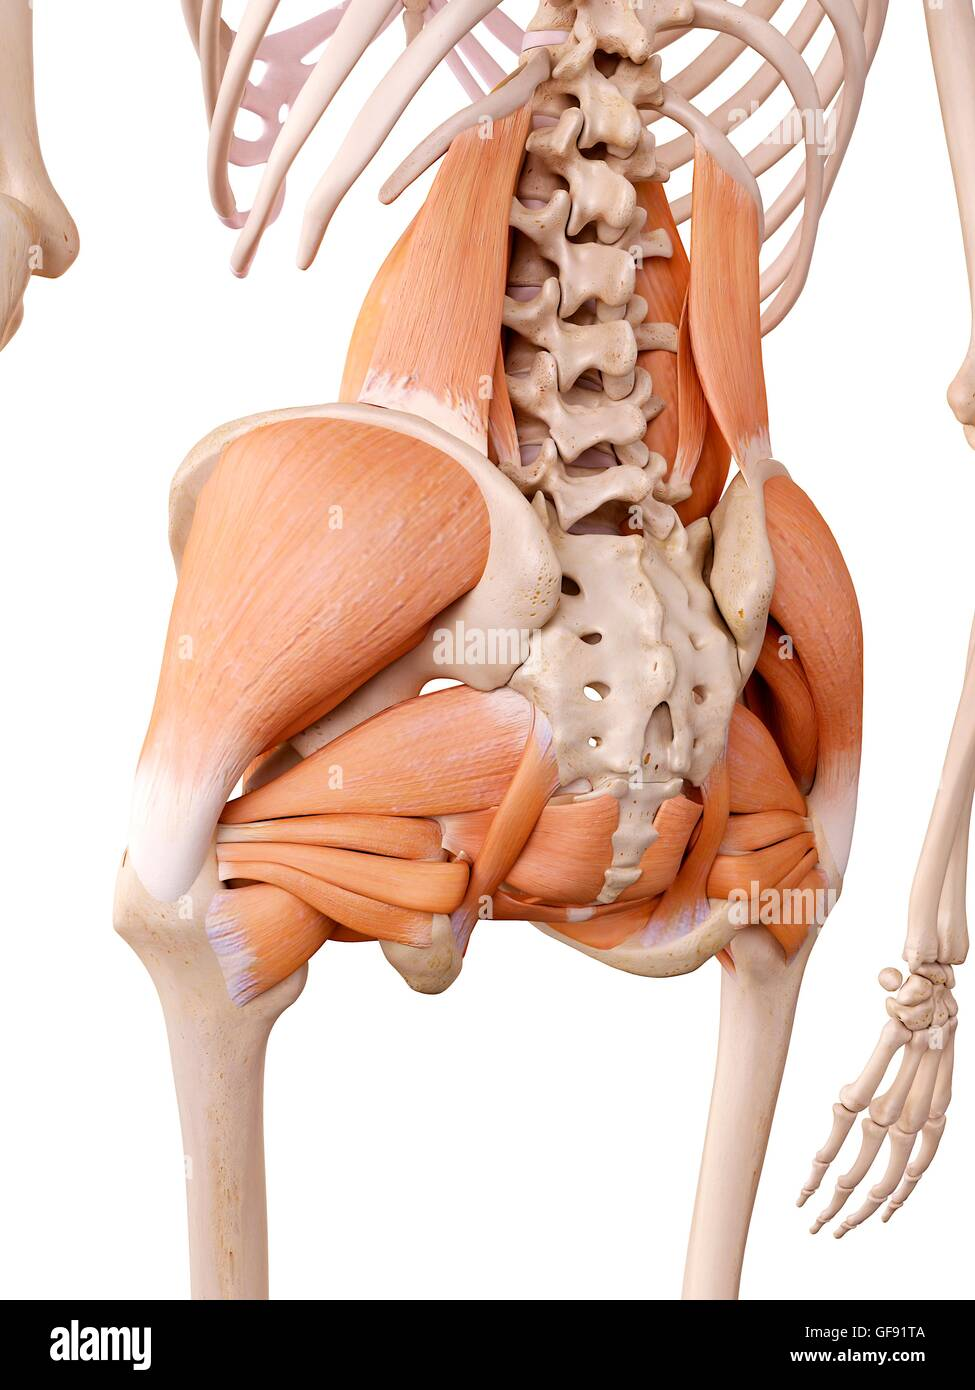 Tolle Frauen Menschliches Körperbild Ideen - Menschliche Anatomie ...